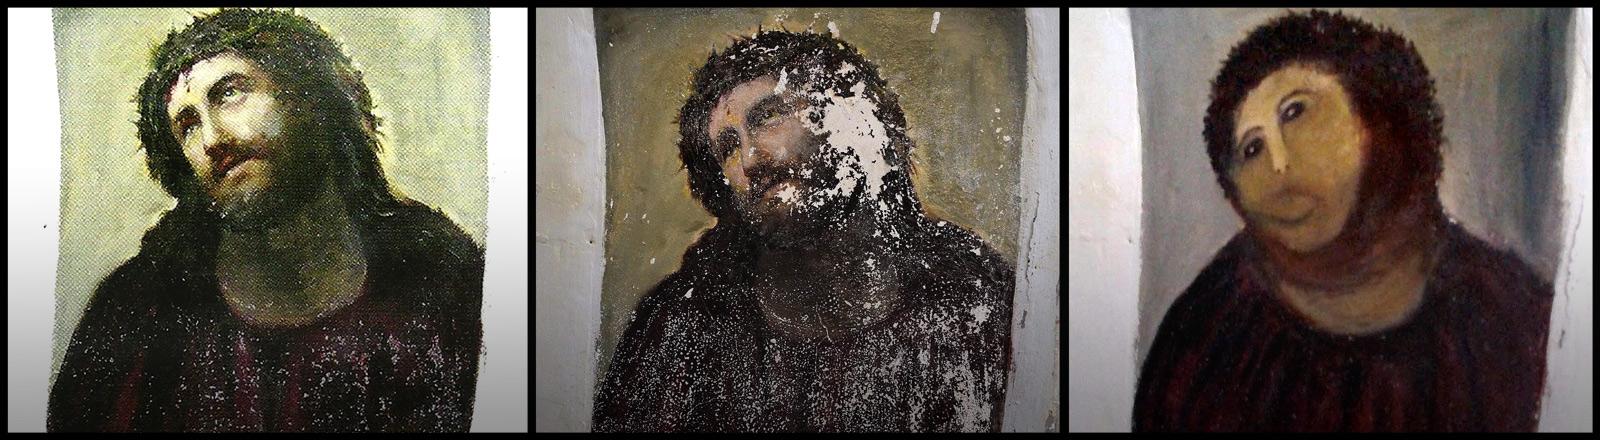 In Borja, Spanien, wurde ein altes Jesus-Fresko stümperhaft restauriert. Defacto ist es jetzt zerstört.